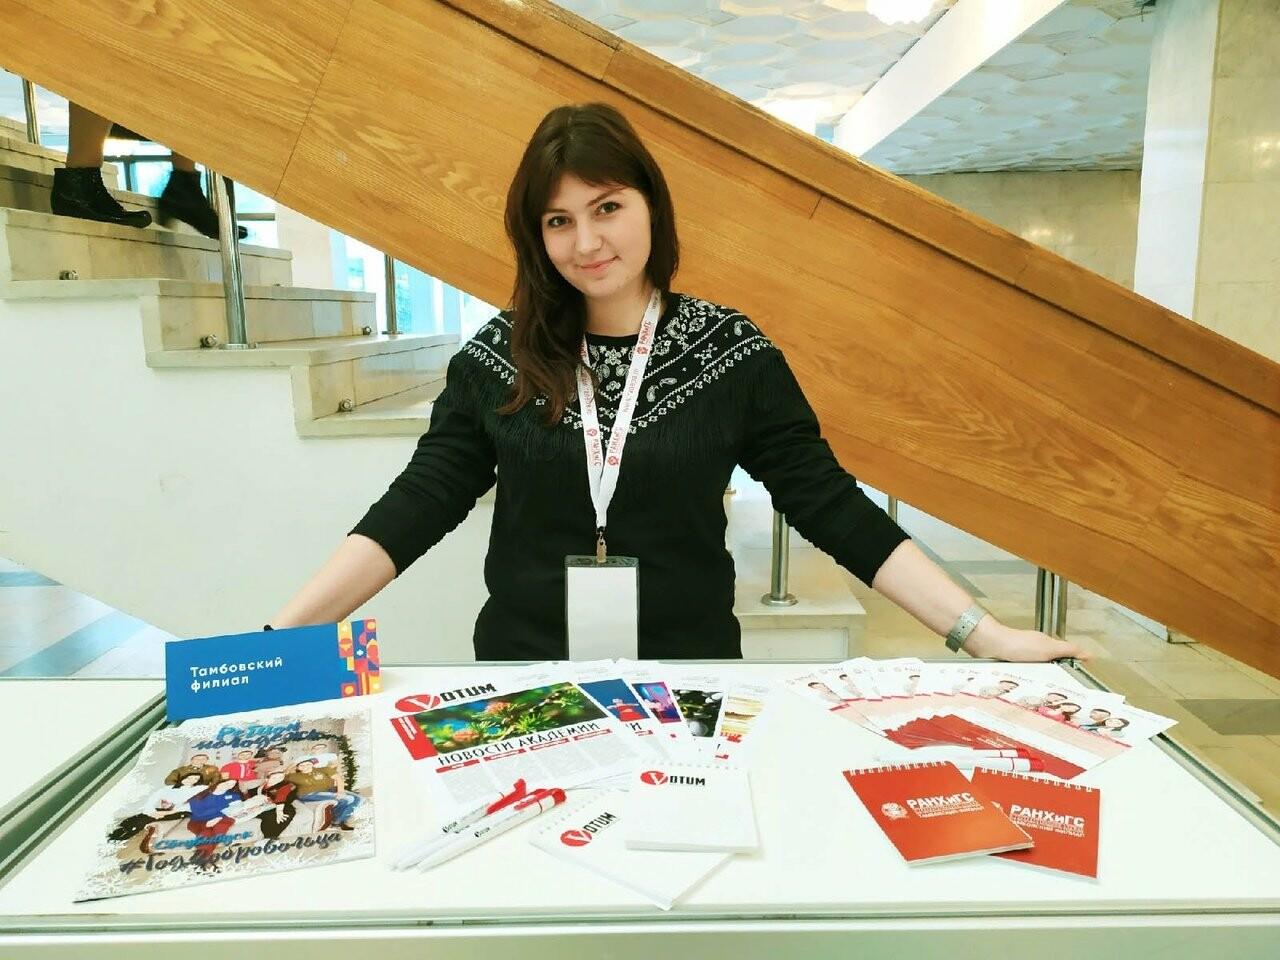 Студенты Тамбовского филиала РАНХиГС посетили Всероссийский студенческий Медиафорум, фото-2